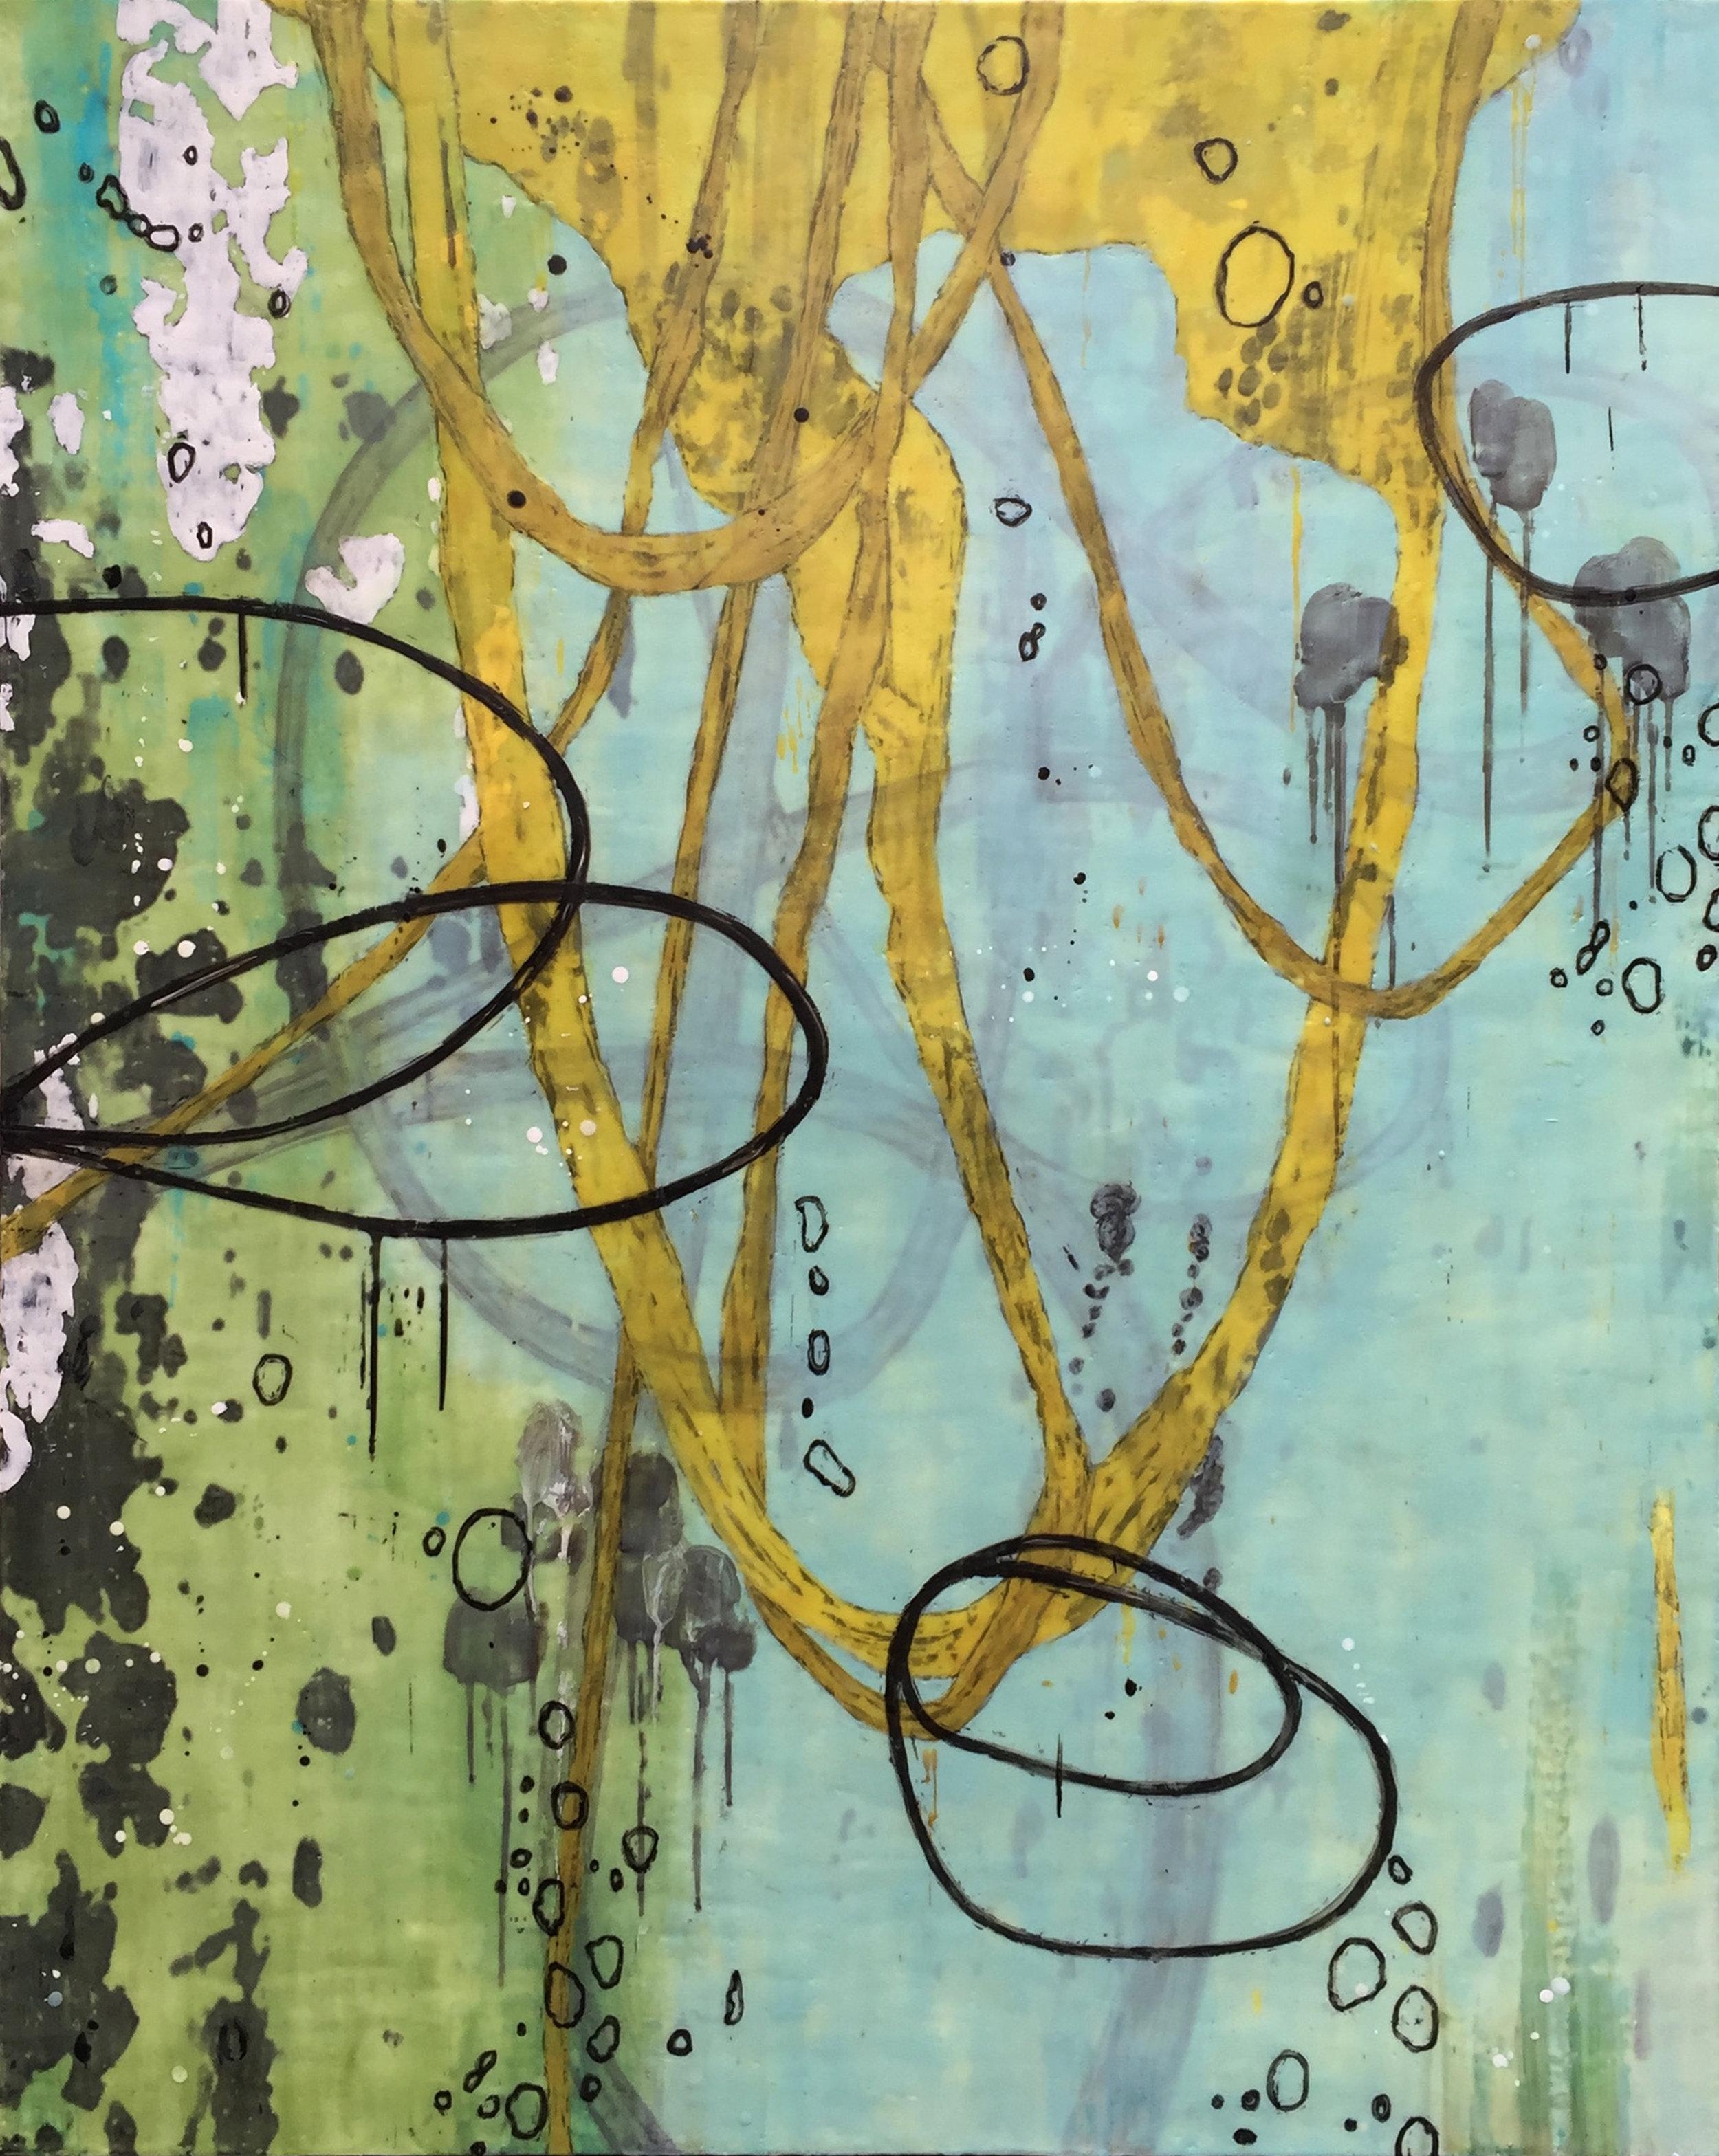 Untitled AA134 60x48 encaustic on panel